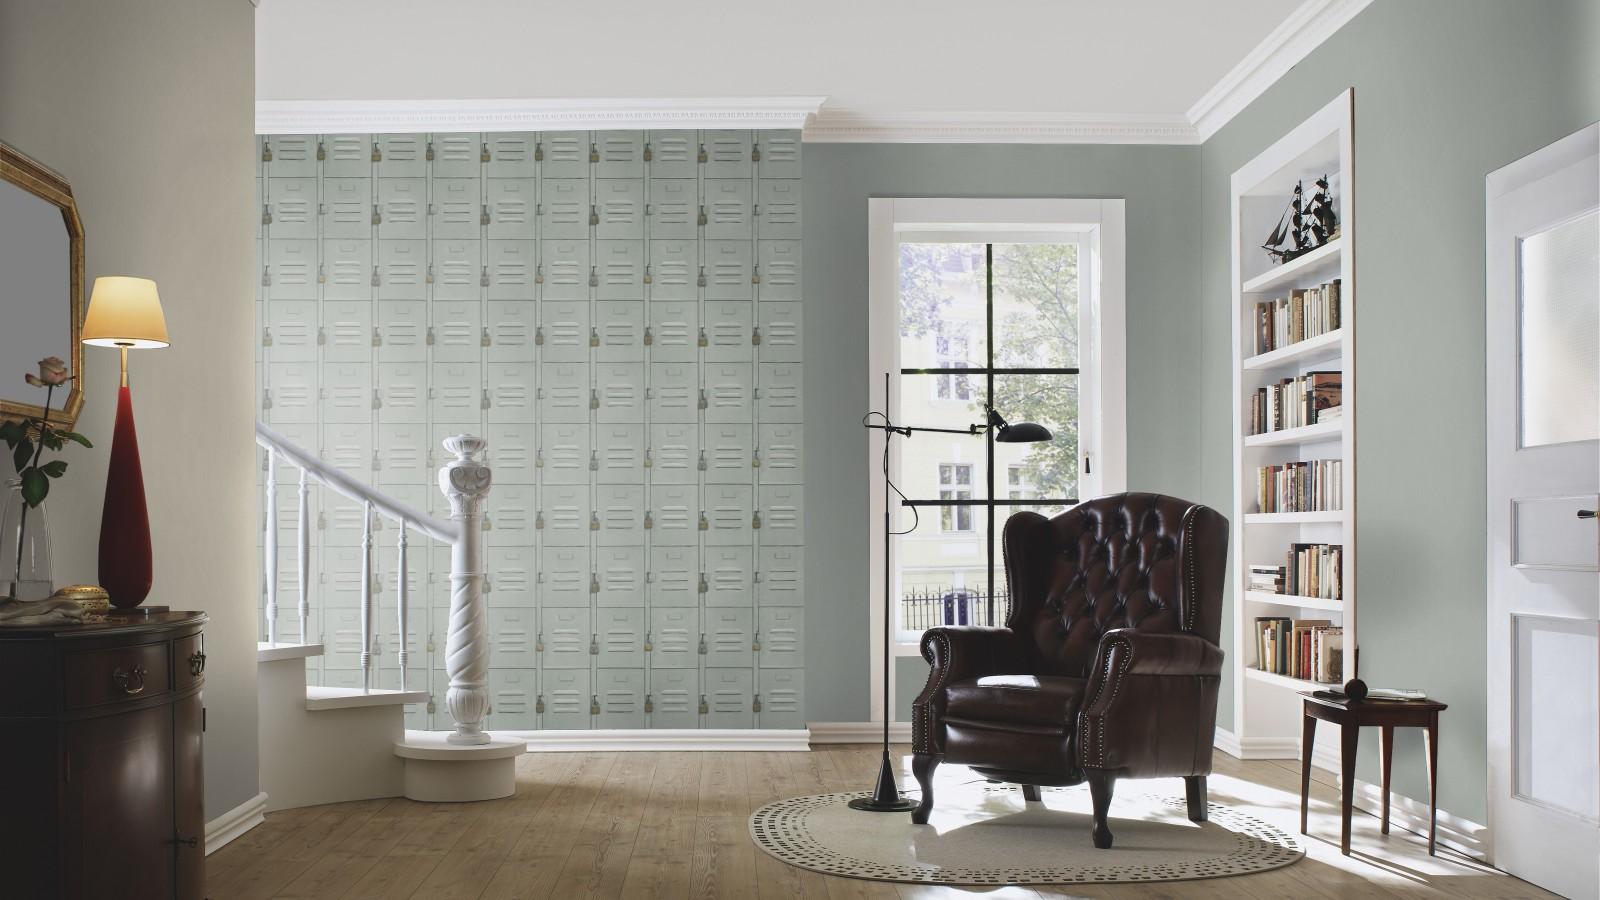 rasch tapete crispy paper gr n metall optik 524222. Black Bedroom Furniture Sets. Home Design Ideas